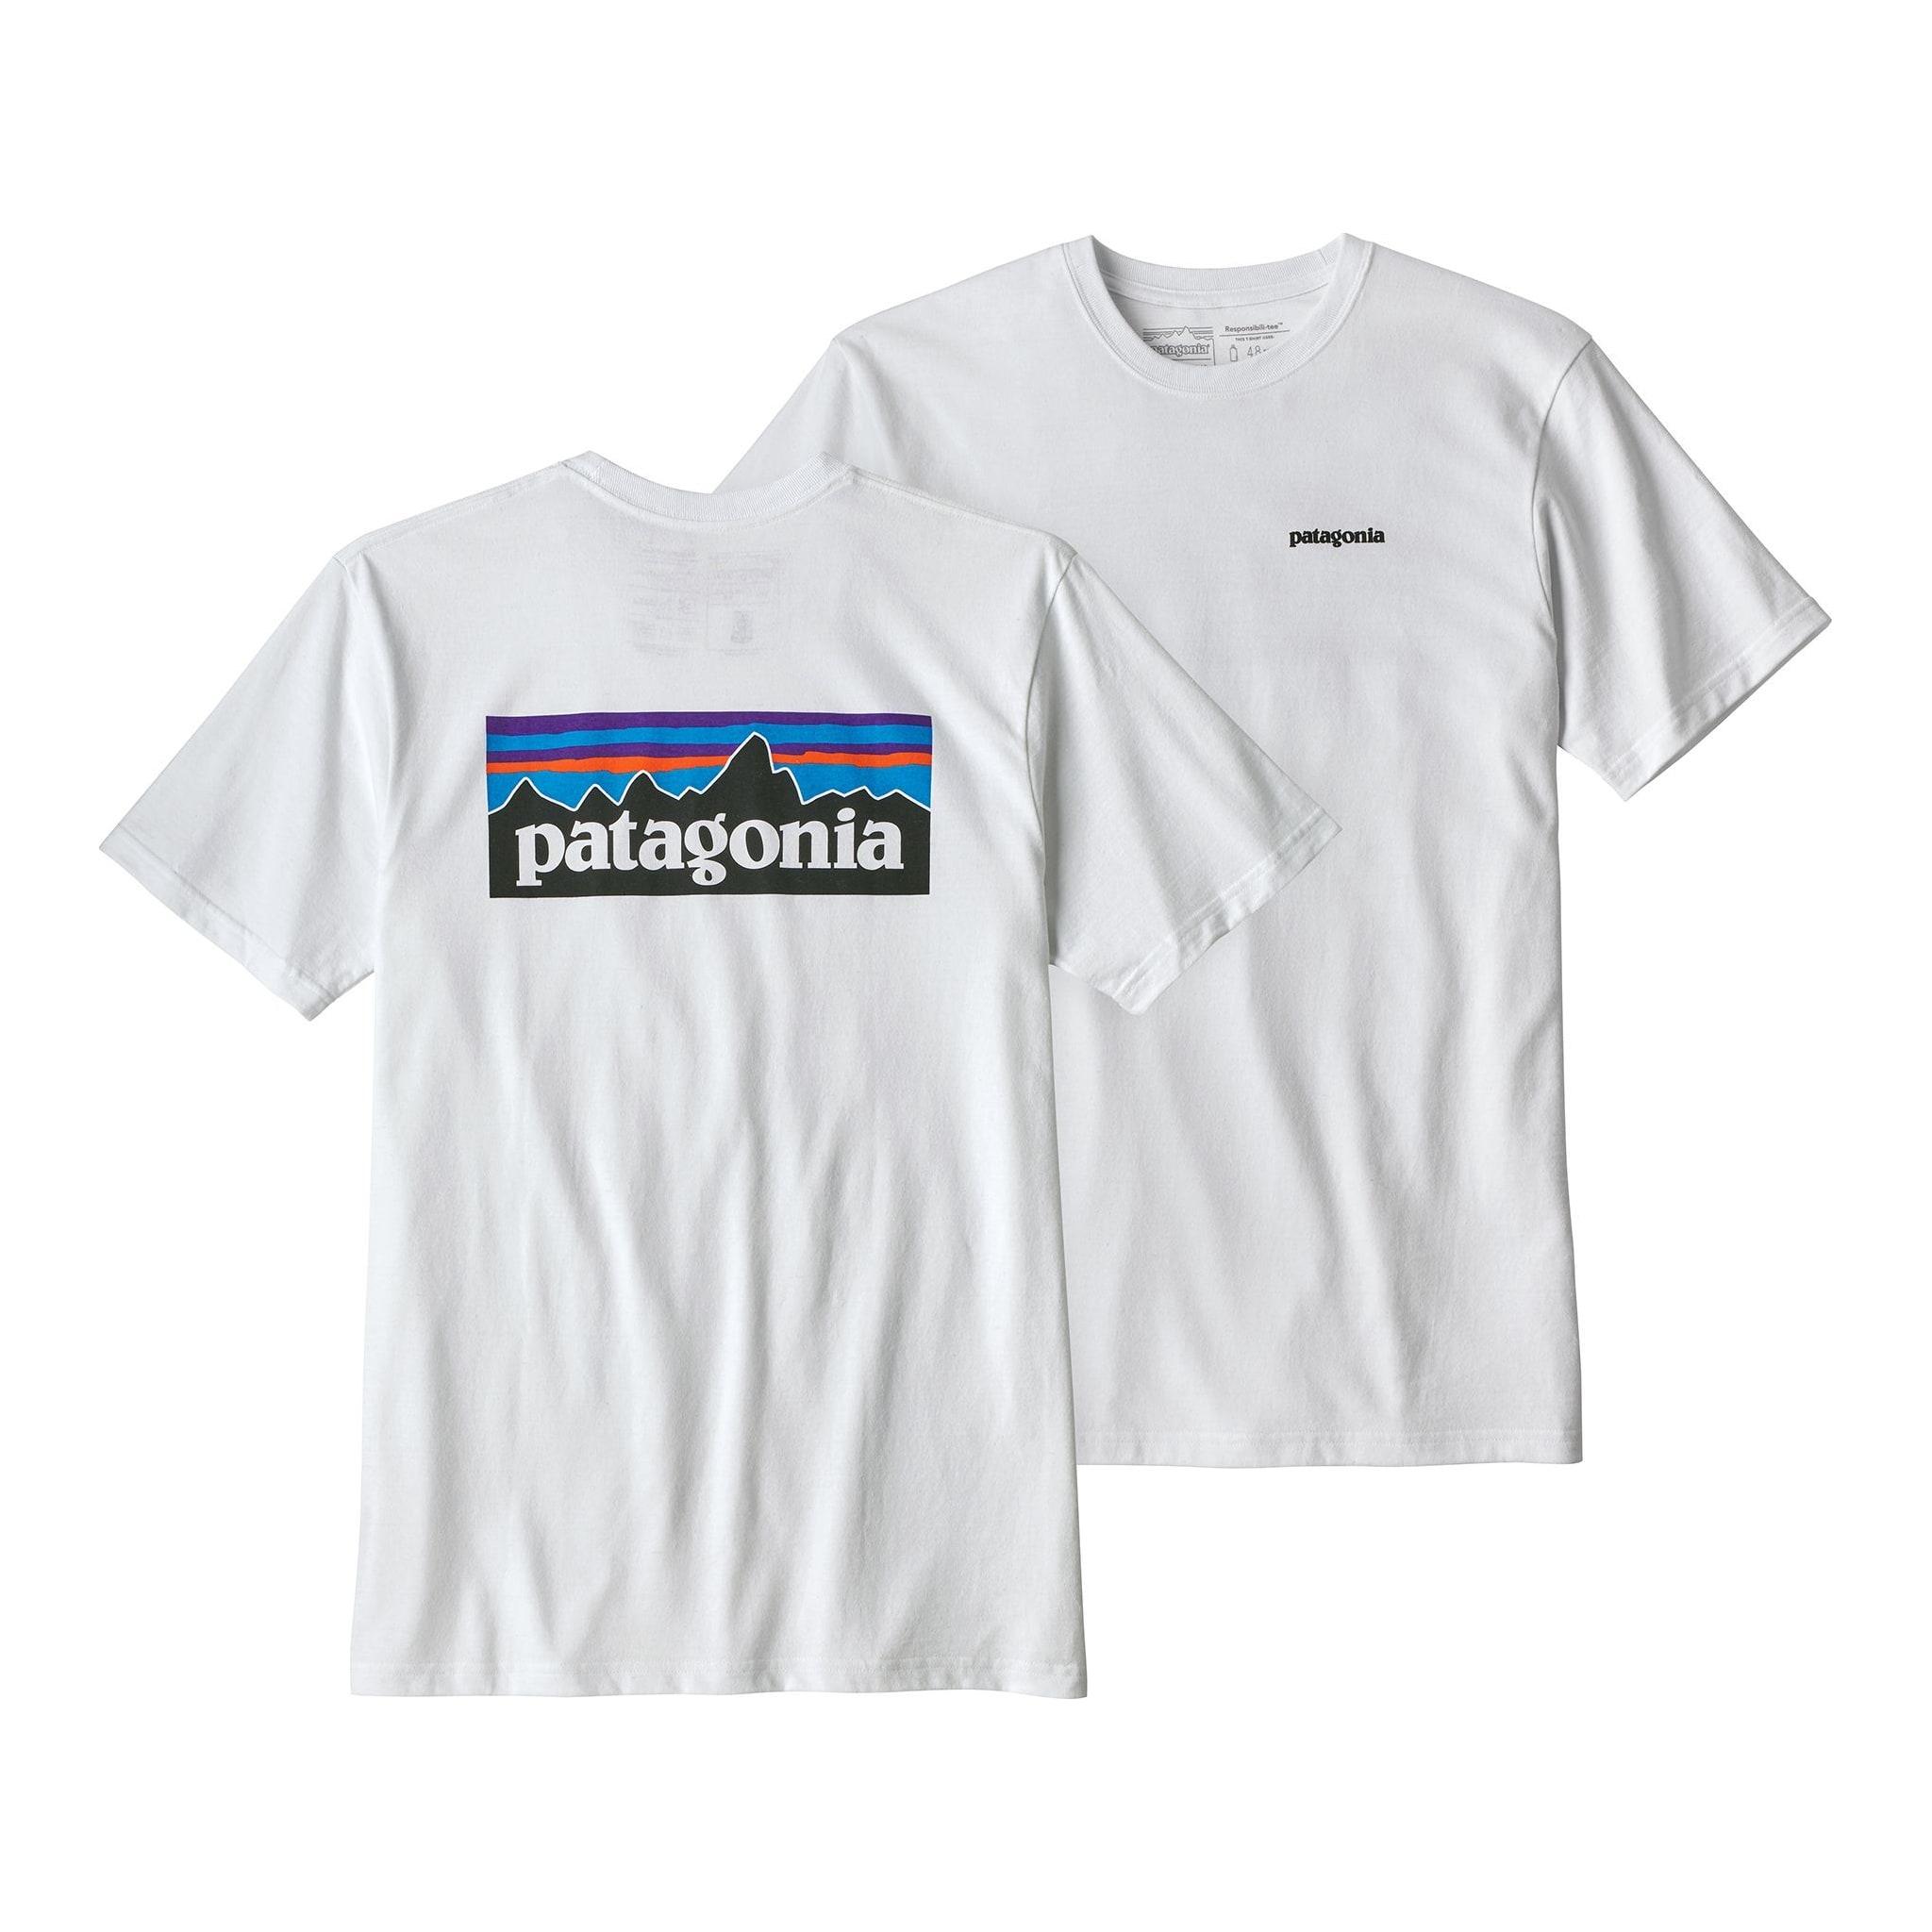 Den klassiske t-skjorta laget i resirkulert bomull og polyester